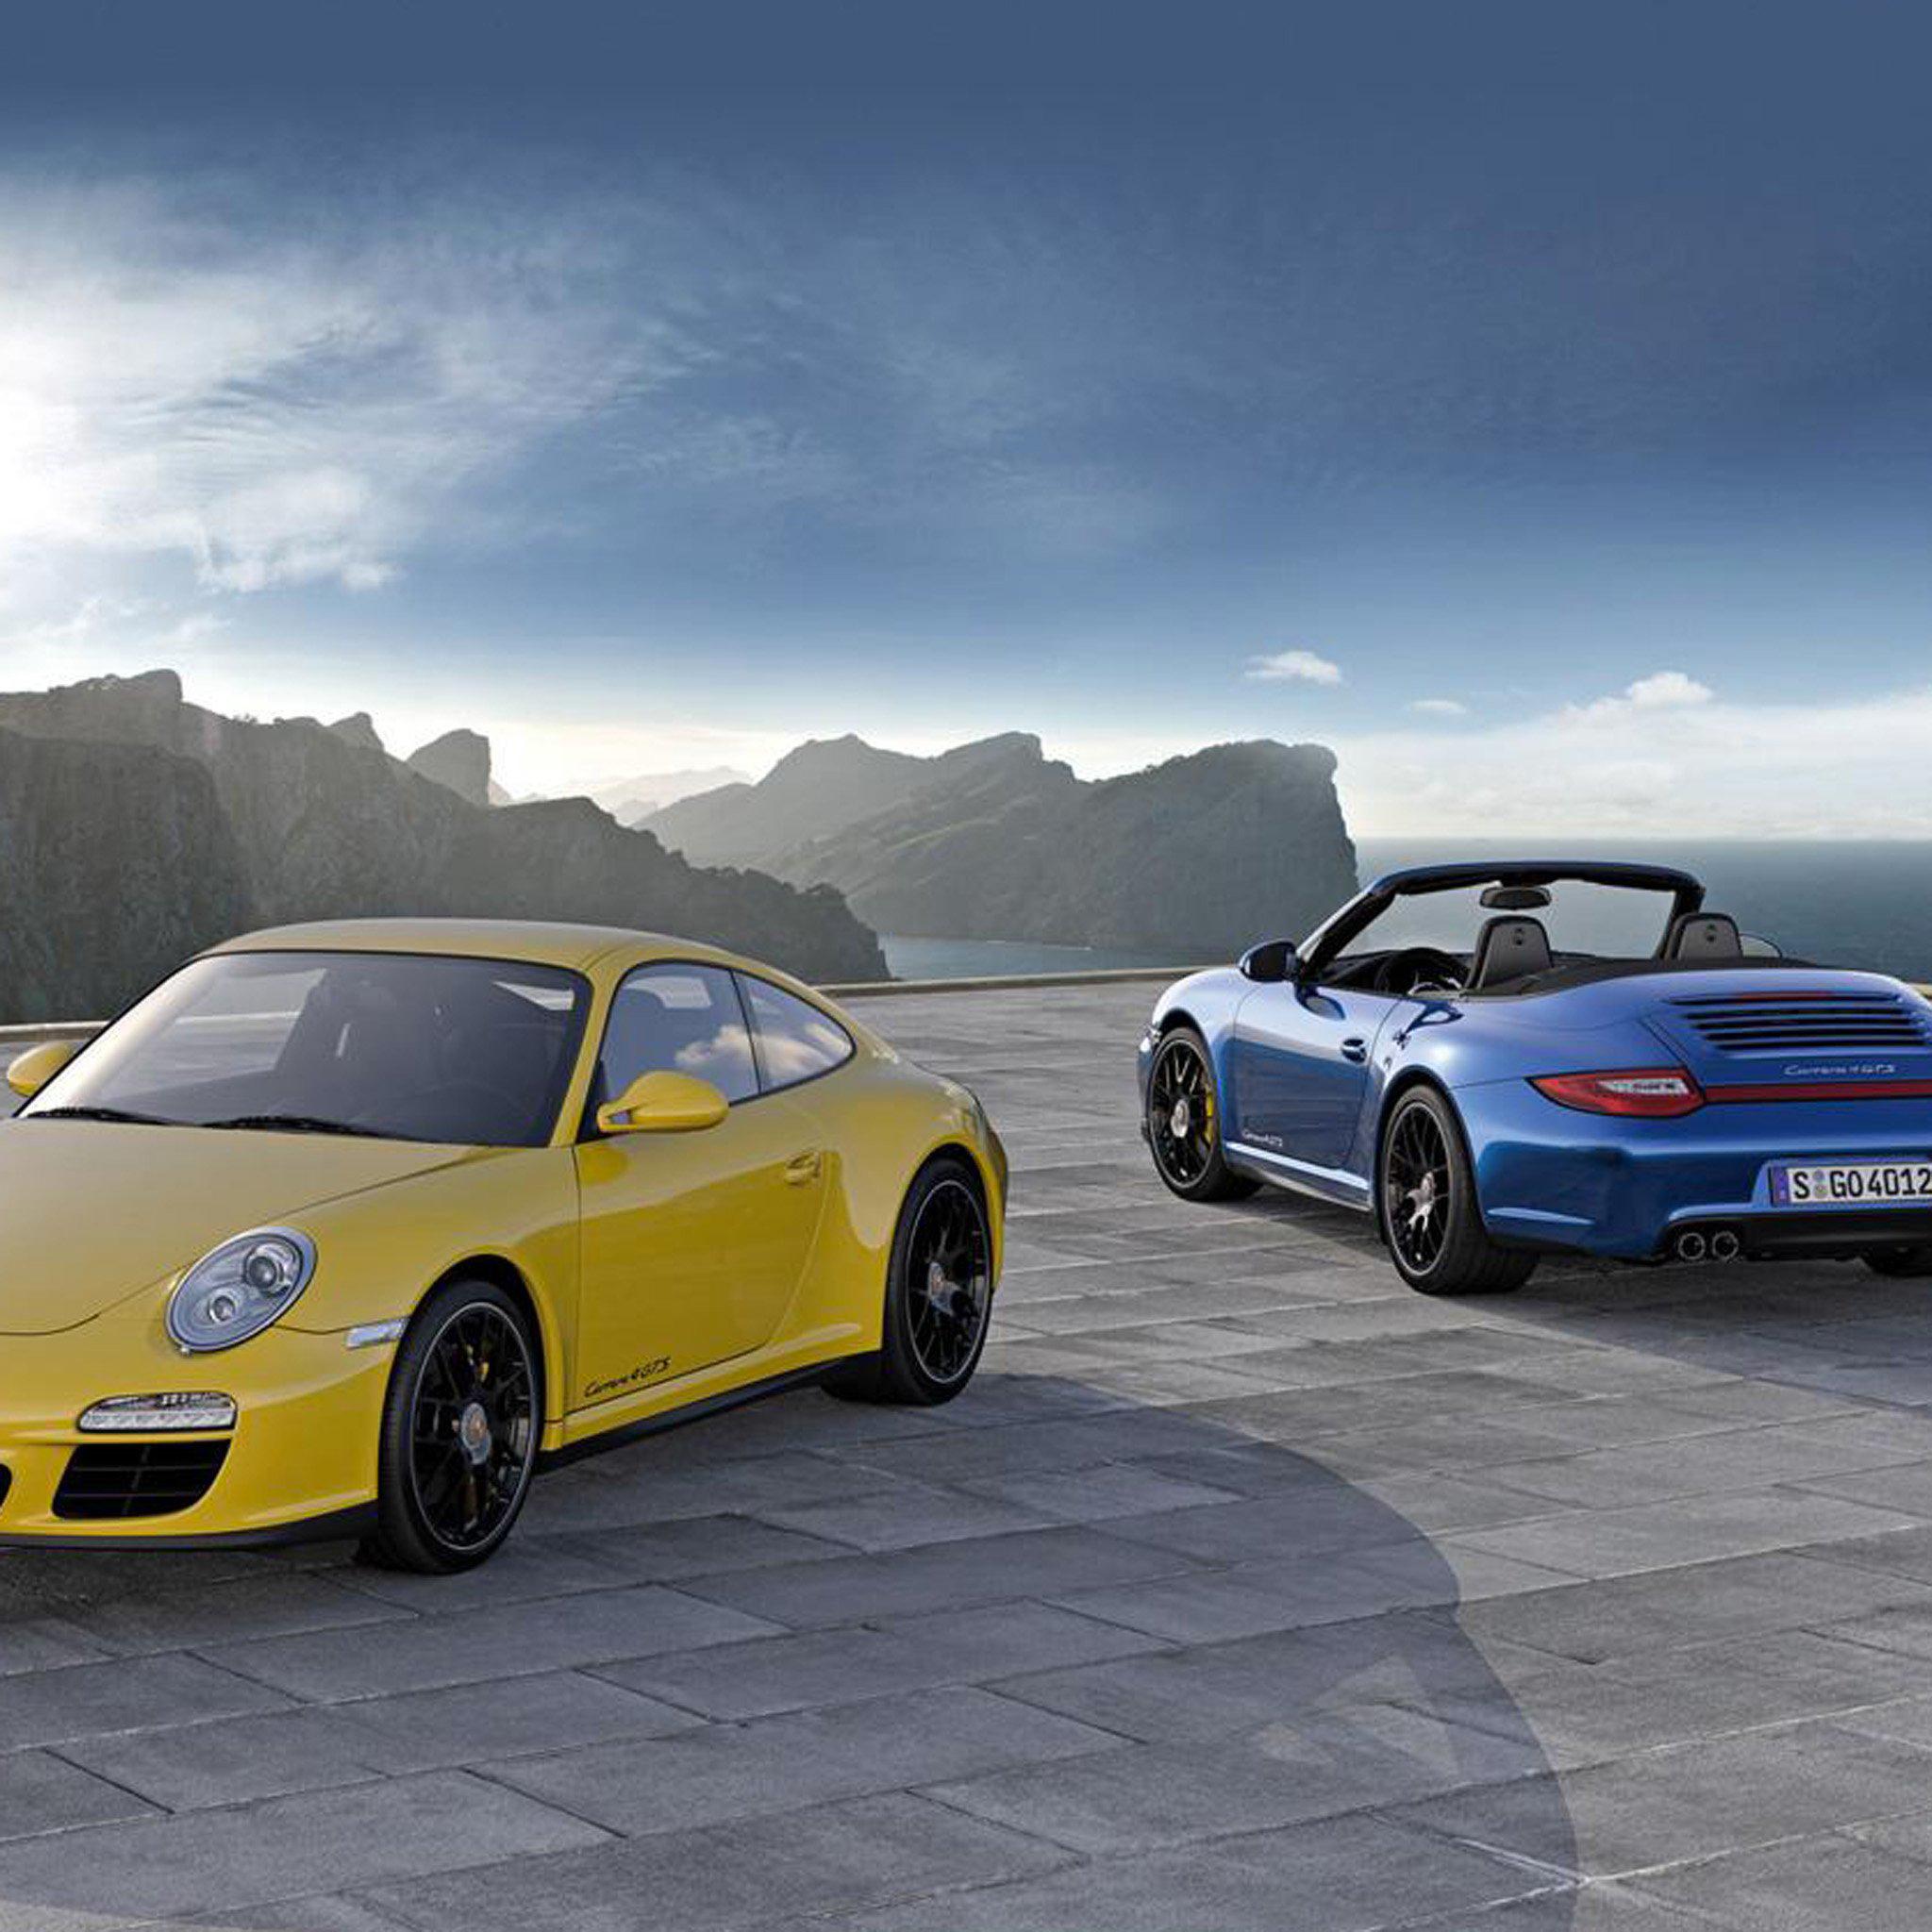 Porsche-911-Carrera-4-Gts-3Wallpapers-iPad-Retina